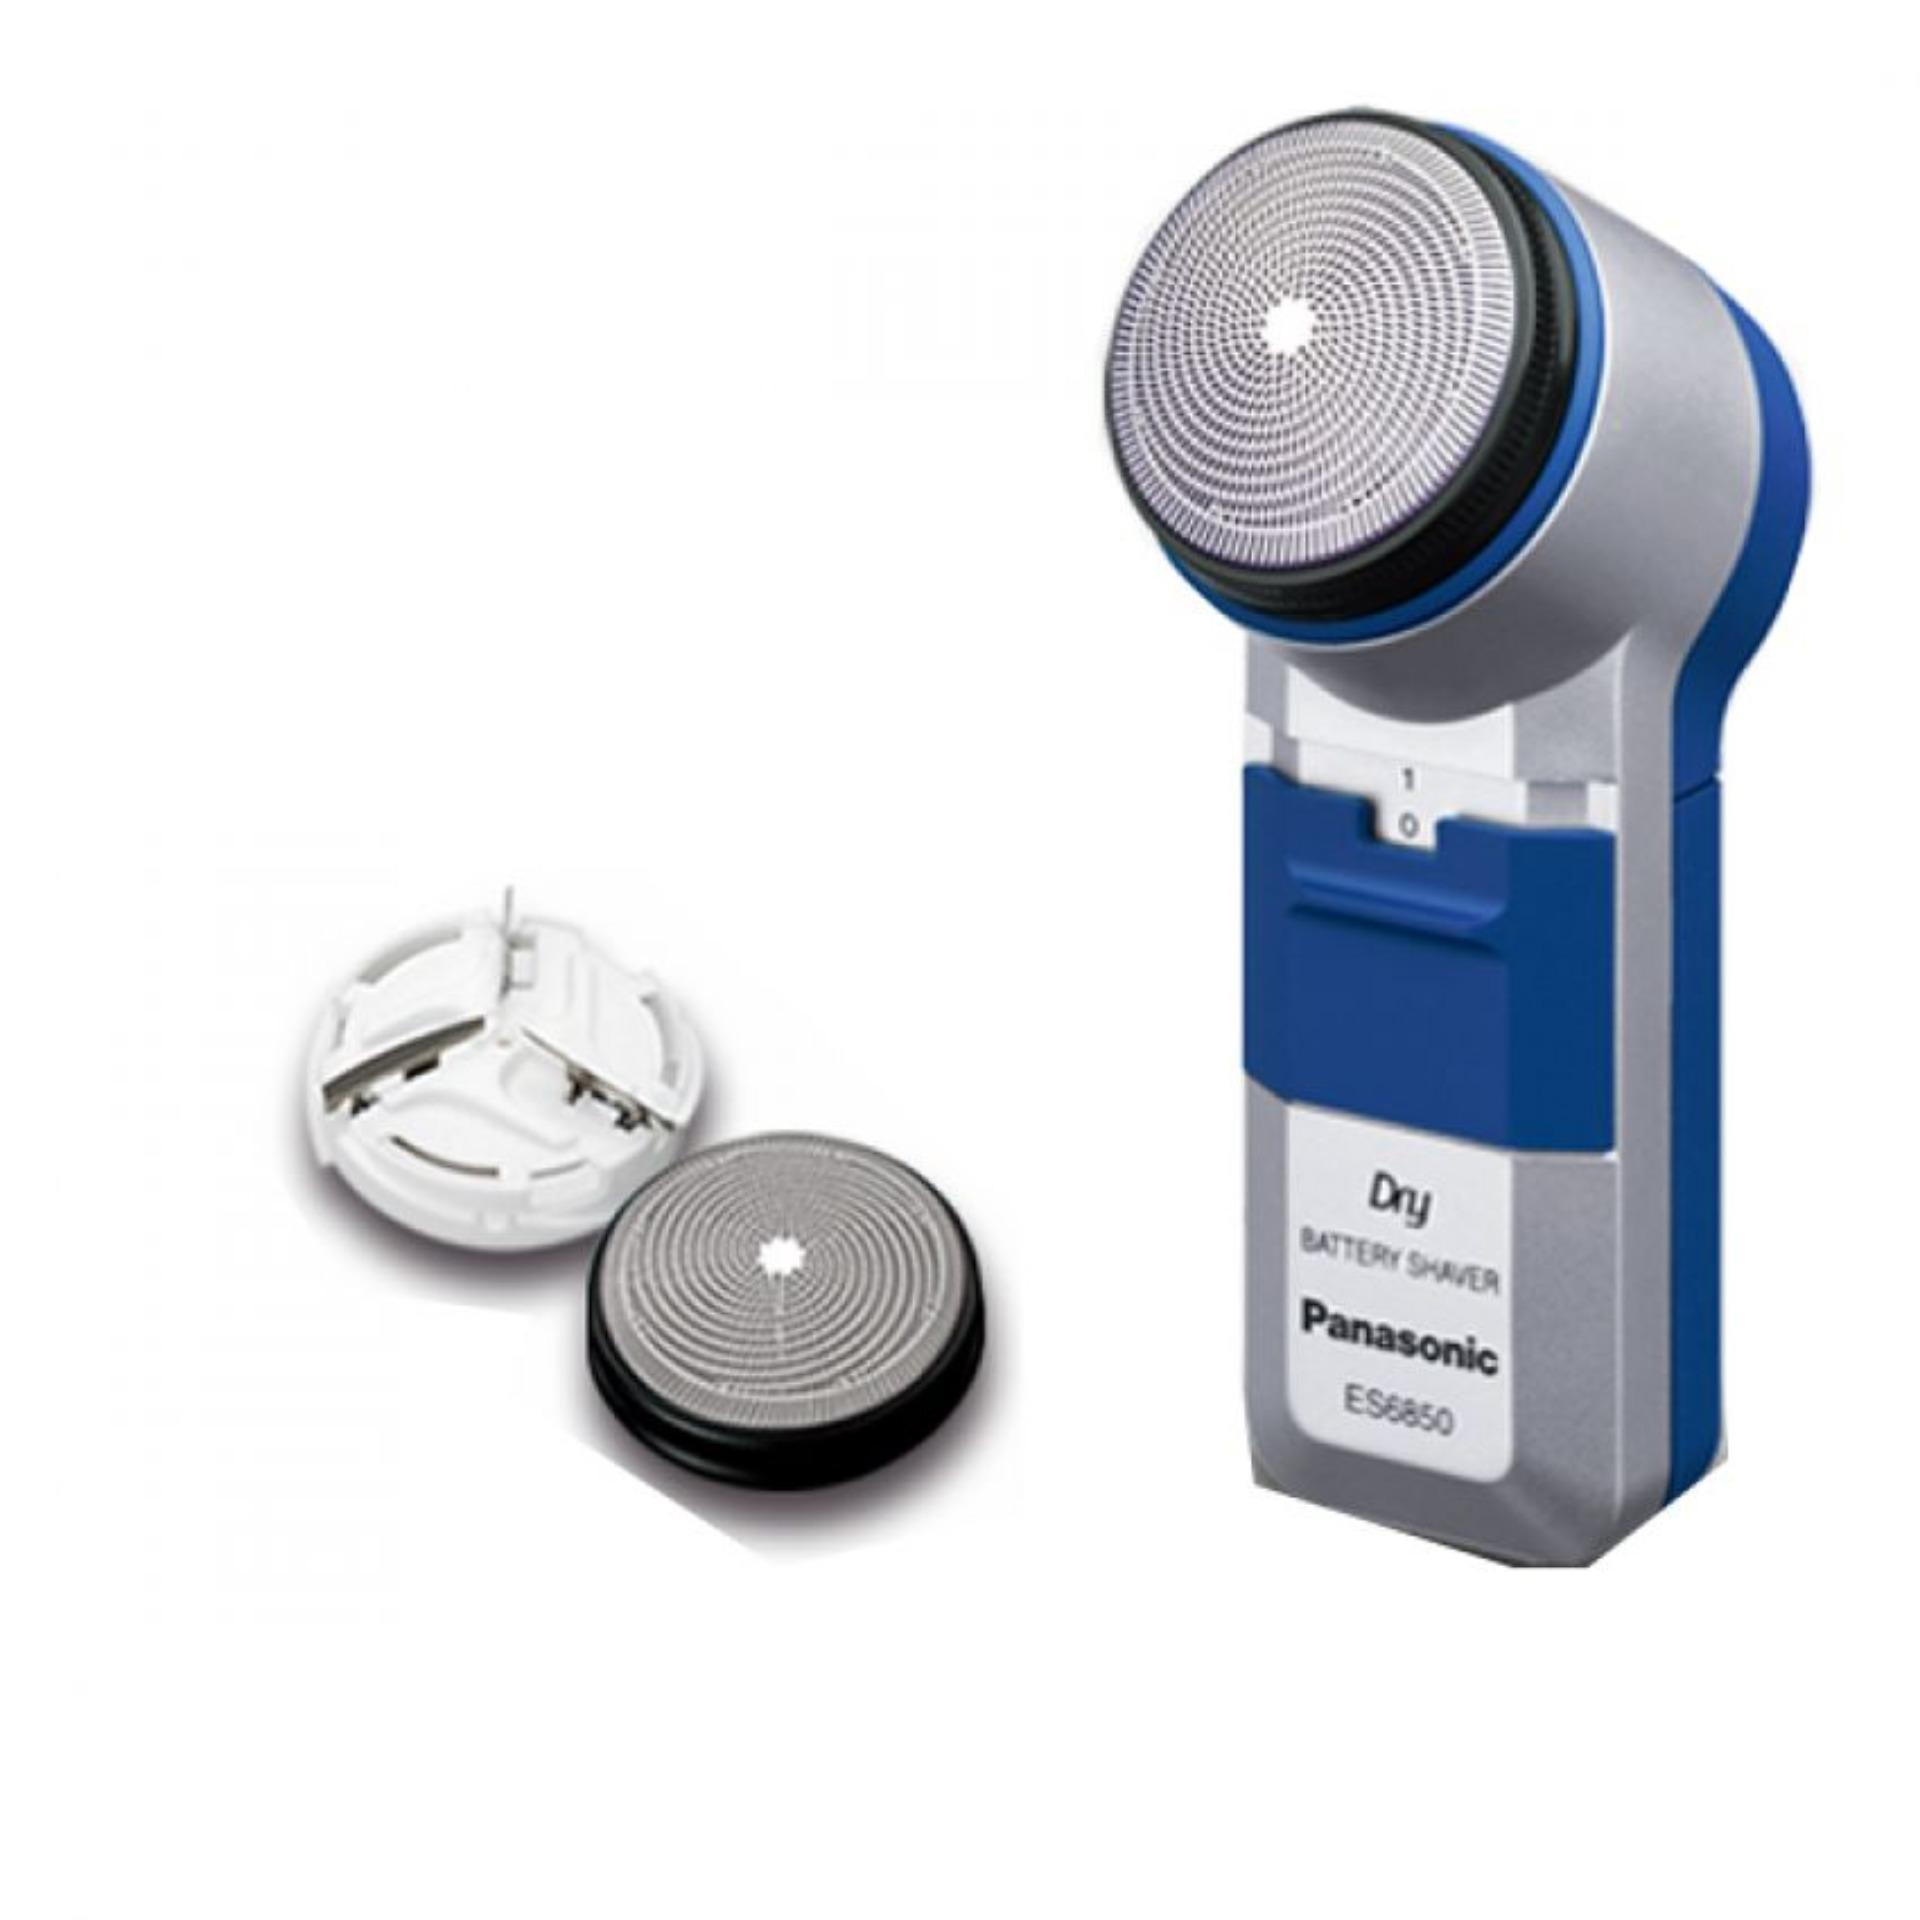 Hình ảnh Máy cạo râu Panasonic ES6850 (Trắng phối xanh)